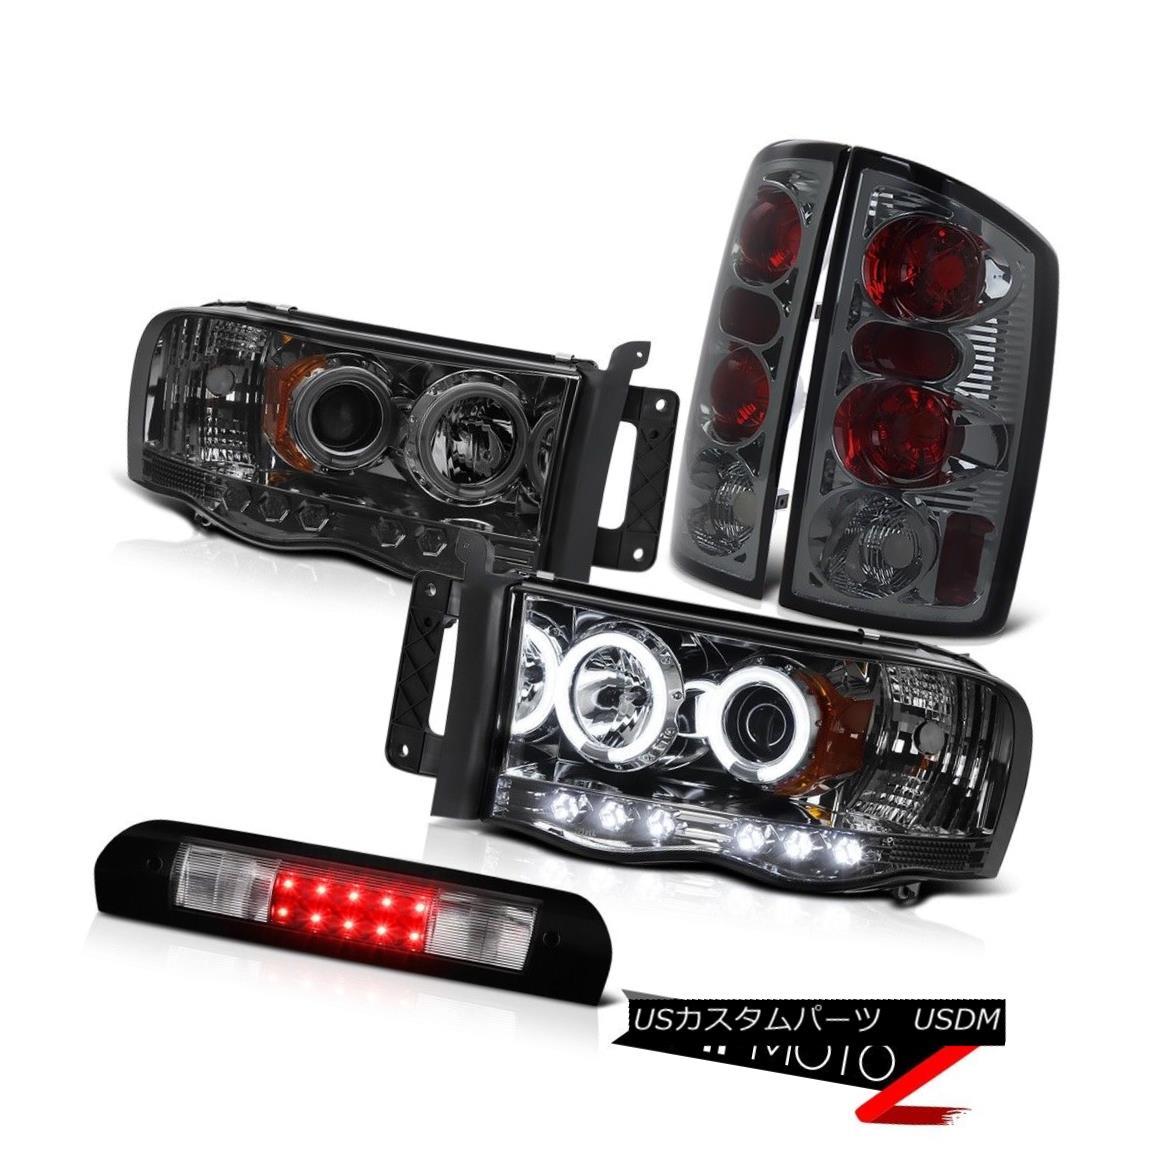 ヘッドライト Smoke CCFL Halo Headlights Rear Lights Roof Stop LED Black 02 03 04 05 Dodge Ram 煙CCFLハローヘッドライトリアライトルーフストップLEDブラック02 03 04 05 Dodge Ram